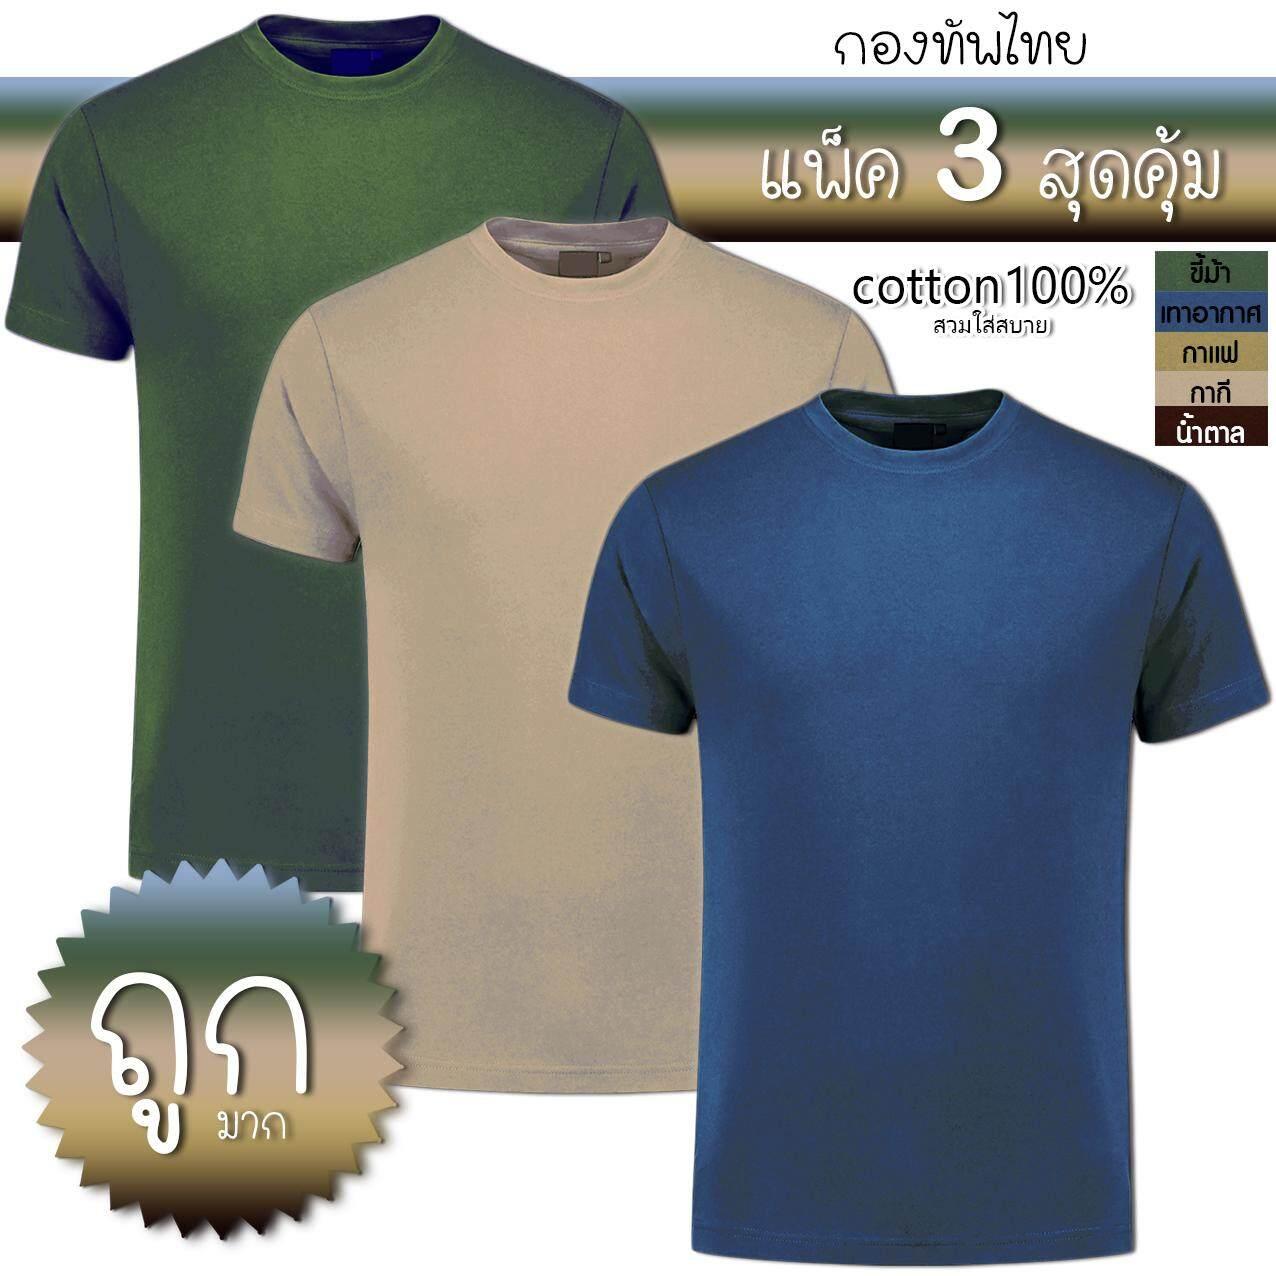 โปรคุ้ม!!army Set เซตกองทัพ แพ็ค 3 ตัว เริ่มต้น55บ/ตัว เสื้อยืดผ้าฝ้าย เสื้อยืดคอกลม คอตตอน 100% สีขี้ม้า/เทาทหารอากาศ/กากี/กาแฟ By World Of T-Shirts.